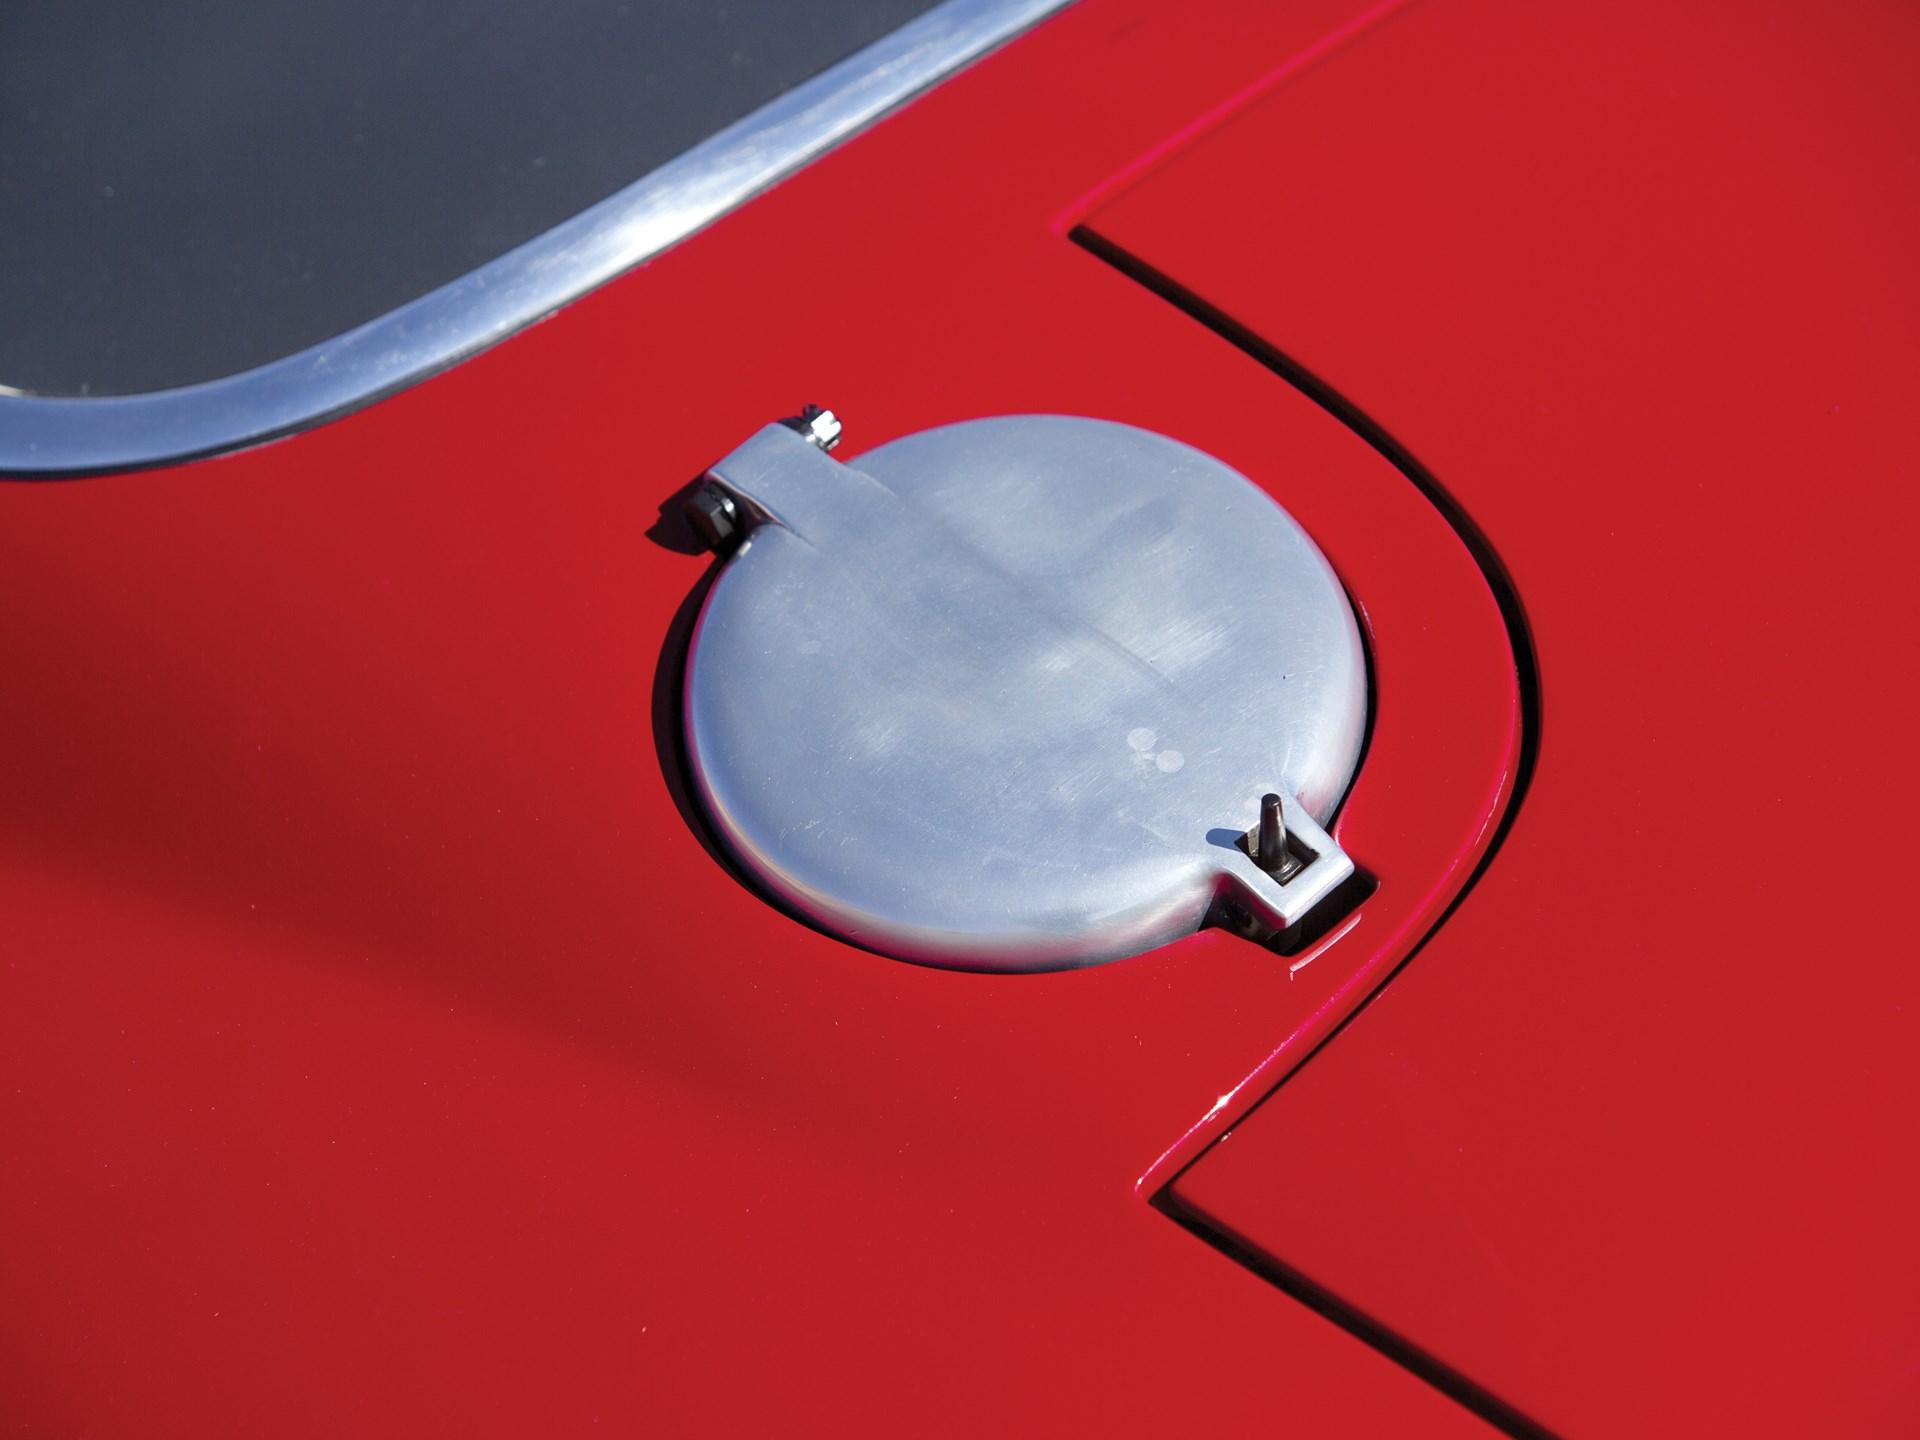 1960 Ferrari 250 GT SWB Berlinetta 'Competizione' by Carrozzeria Scaglietti